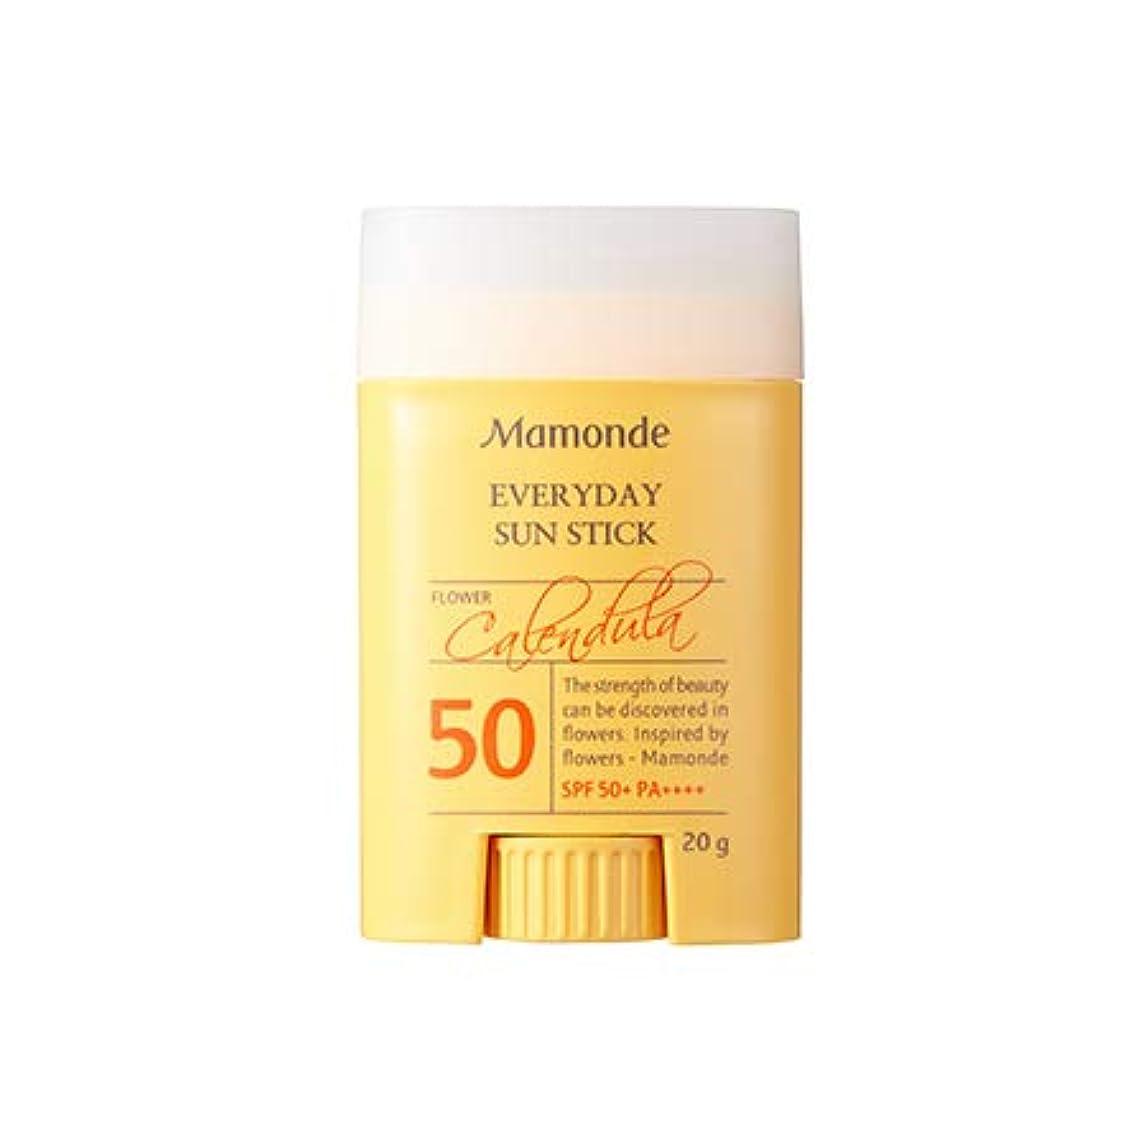 含める文字レポートを書くMamonde Everyday Sun Stick 20g マモンド エブリデーサンスティック (SPF50+/PA++++) [並行輸入品]